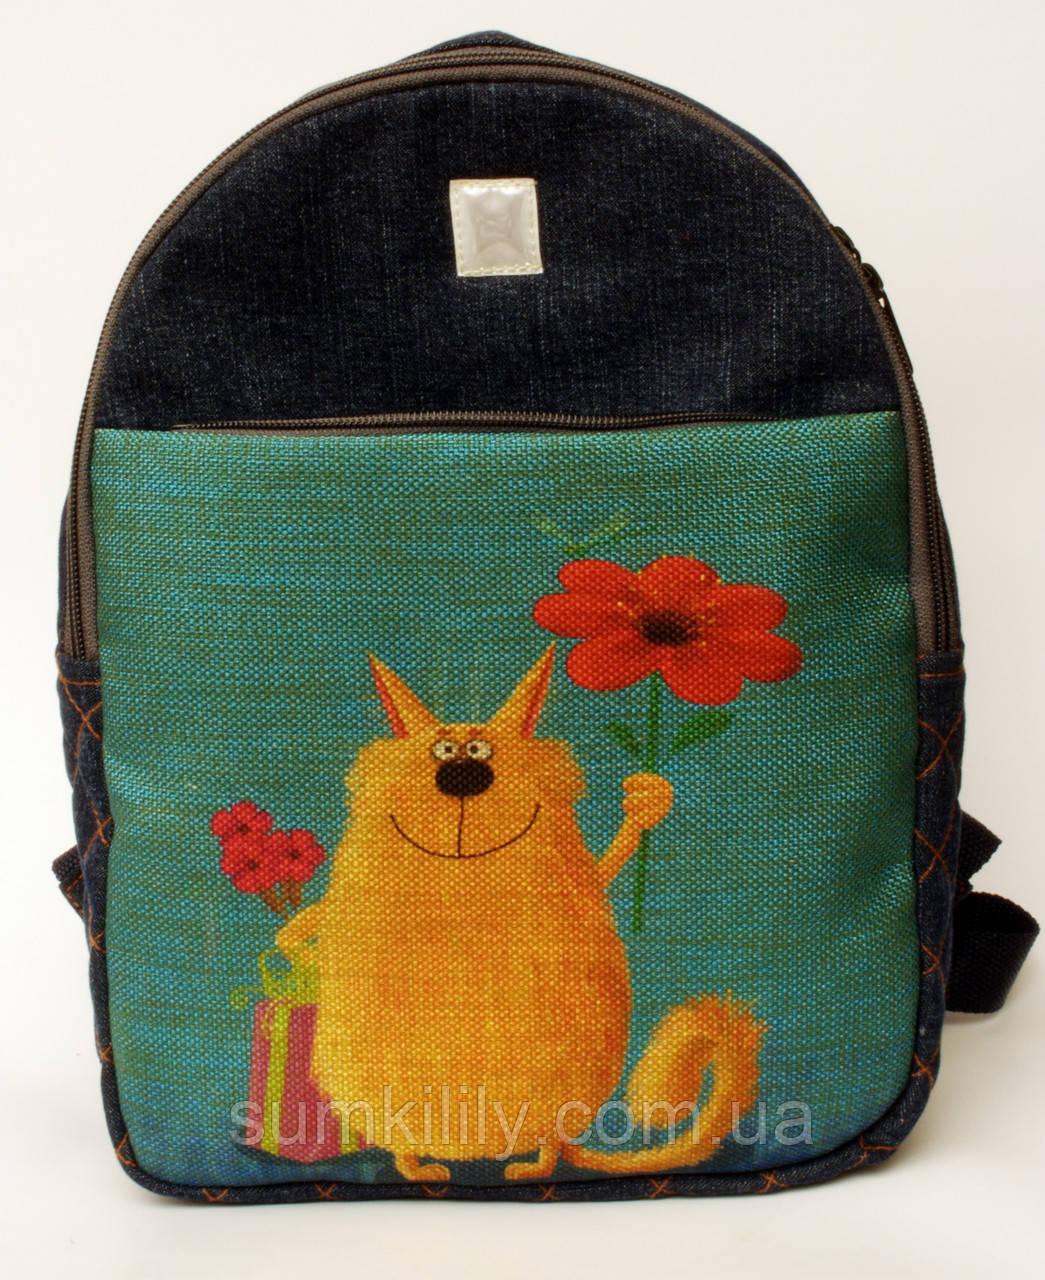 Джинсовый рюкзак с днем рождения